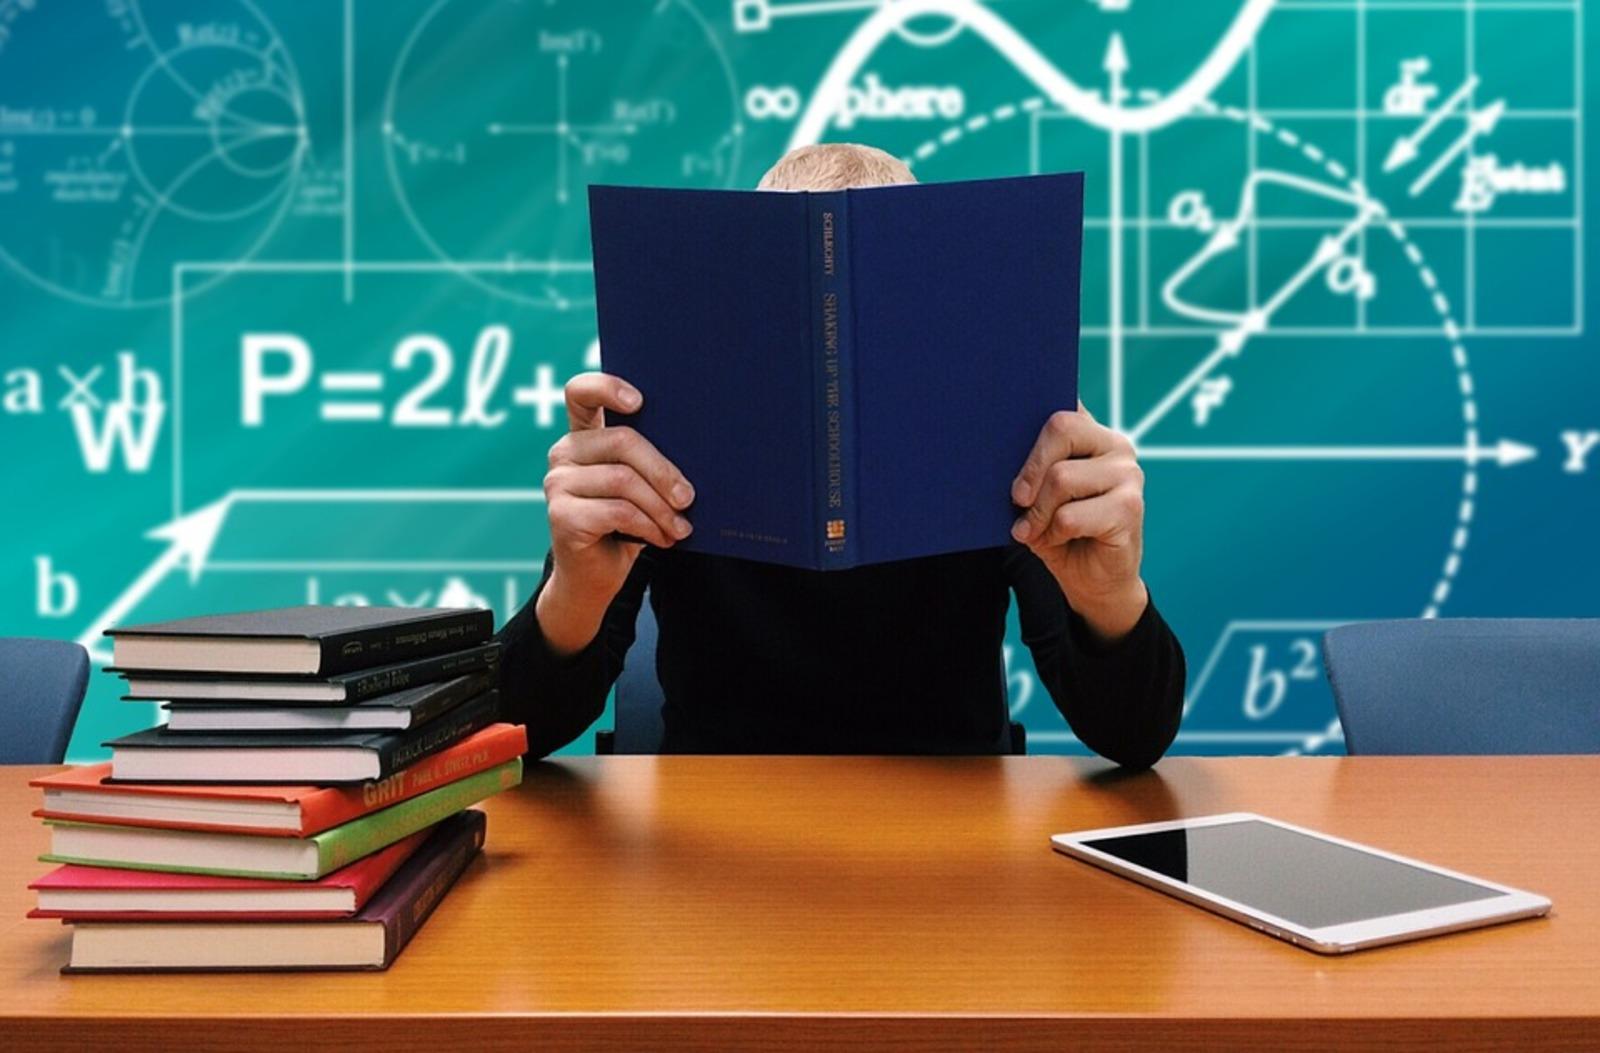 26 процентов школьников считают, что школа негативно повлияла на их самооценку / https://pixabay.com